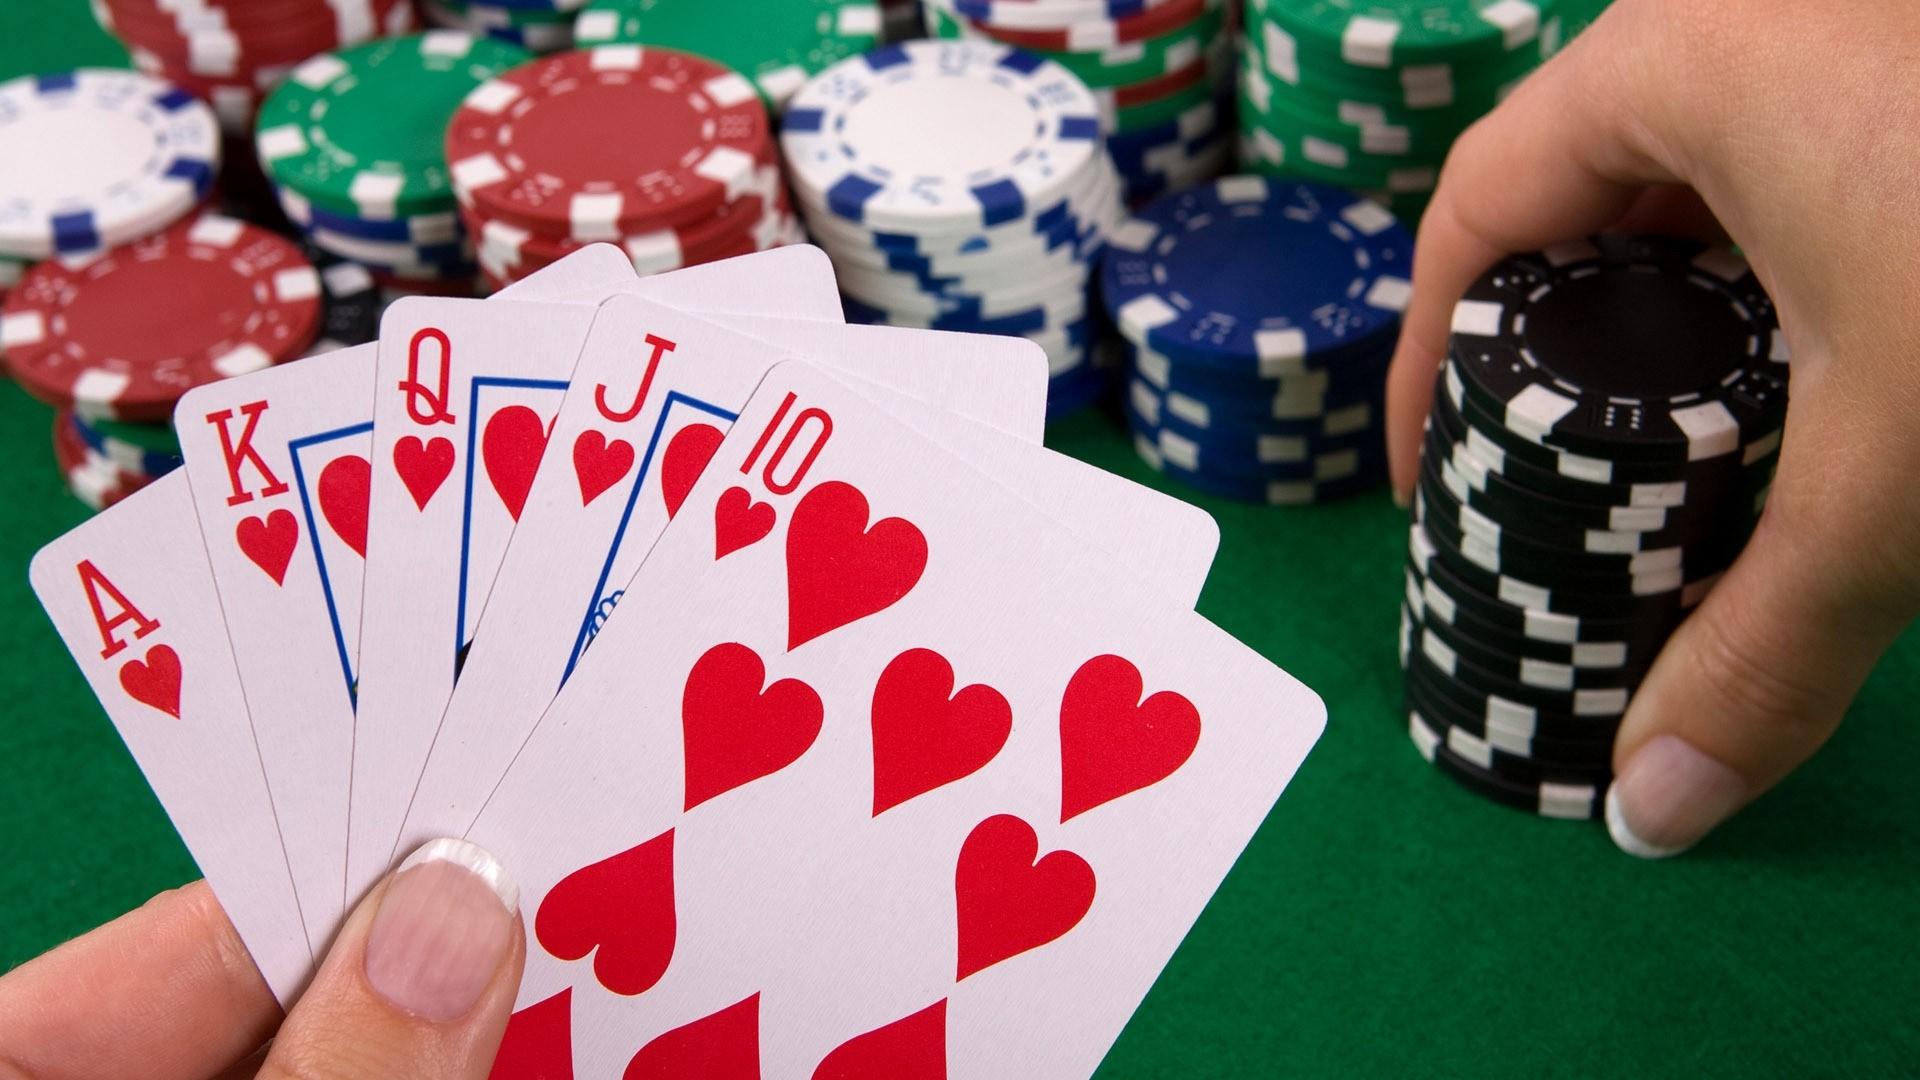 Jeux casino: la possibilité de jouer gratuitement